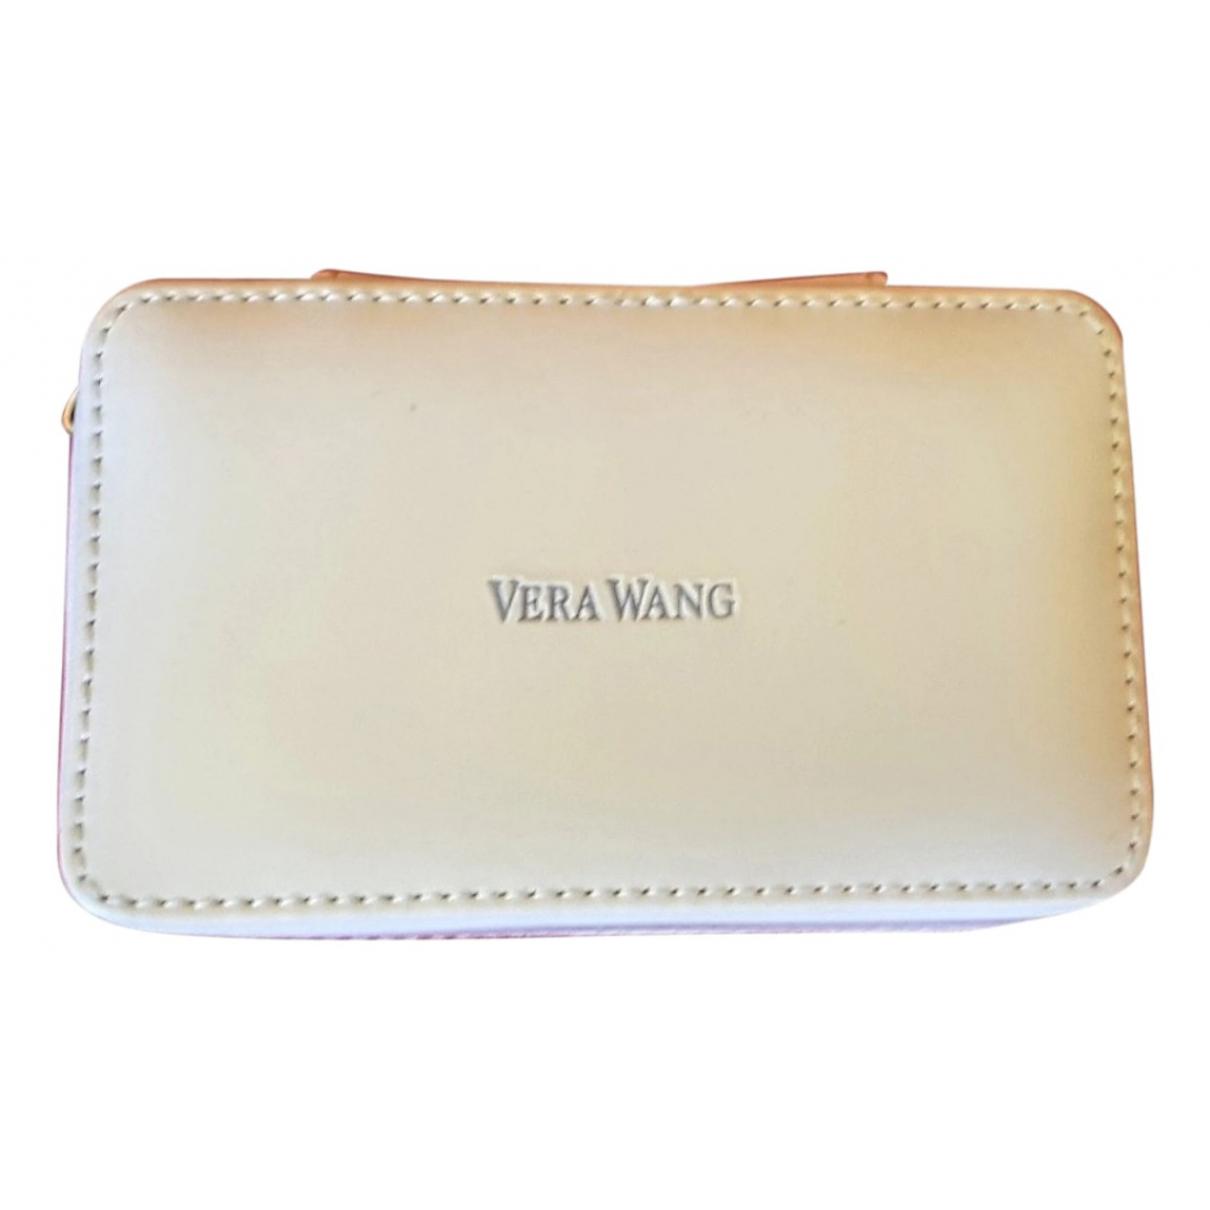 Vera Wang - Sac de voyage   pour femme en cuir - blanc